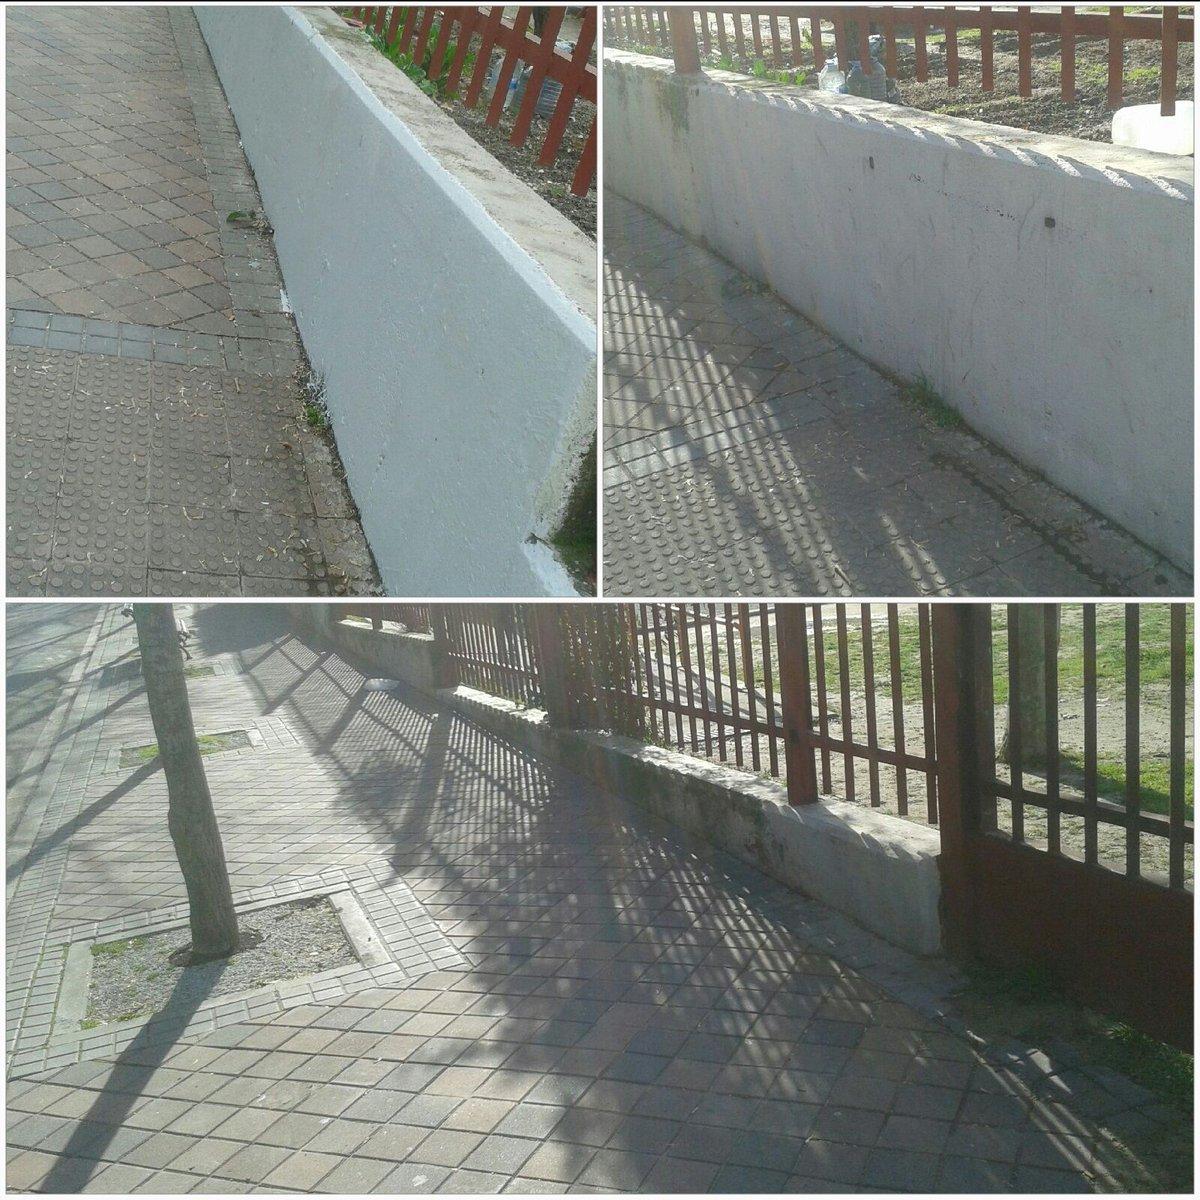 RT @EsmasAlcorcon: Restaurada el muro exterior del colegio Sánchez Albornoz #Alcorcon @EsmasAlcorcon @AytoAlcorcon https://t.co/WRXz4AWl24